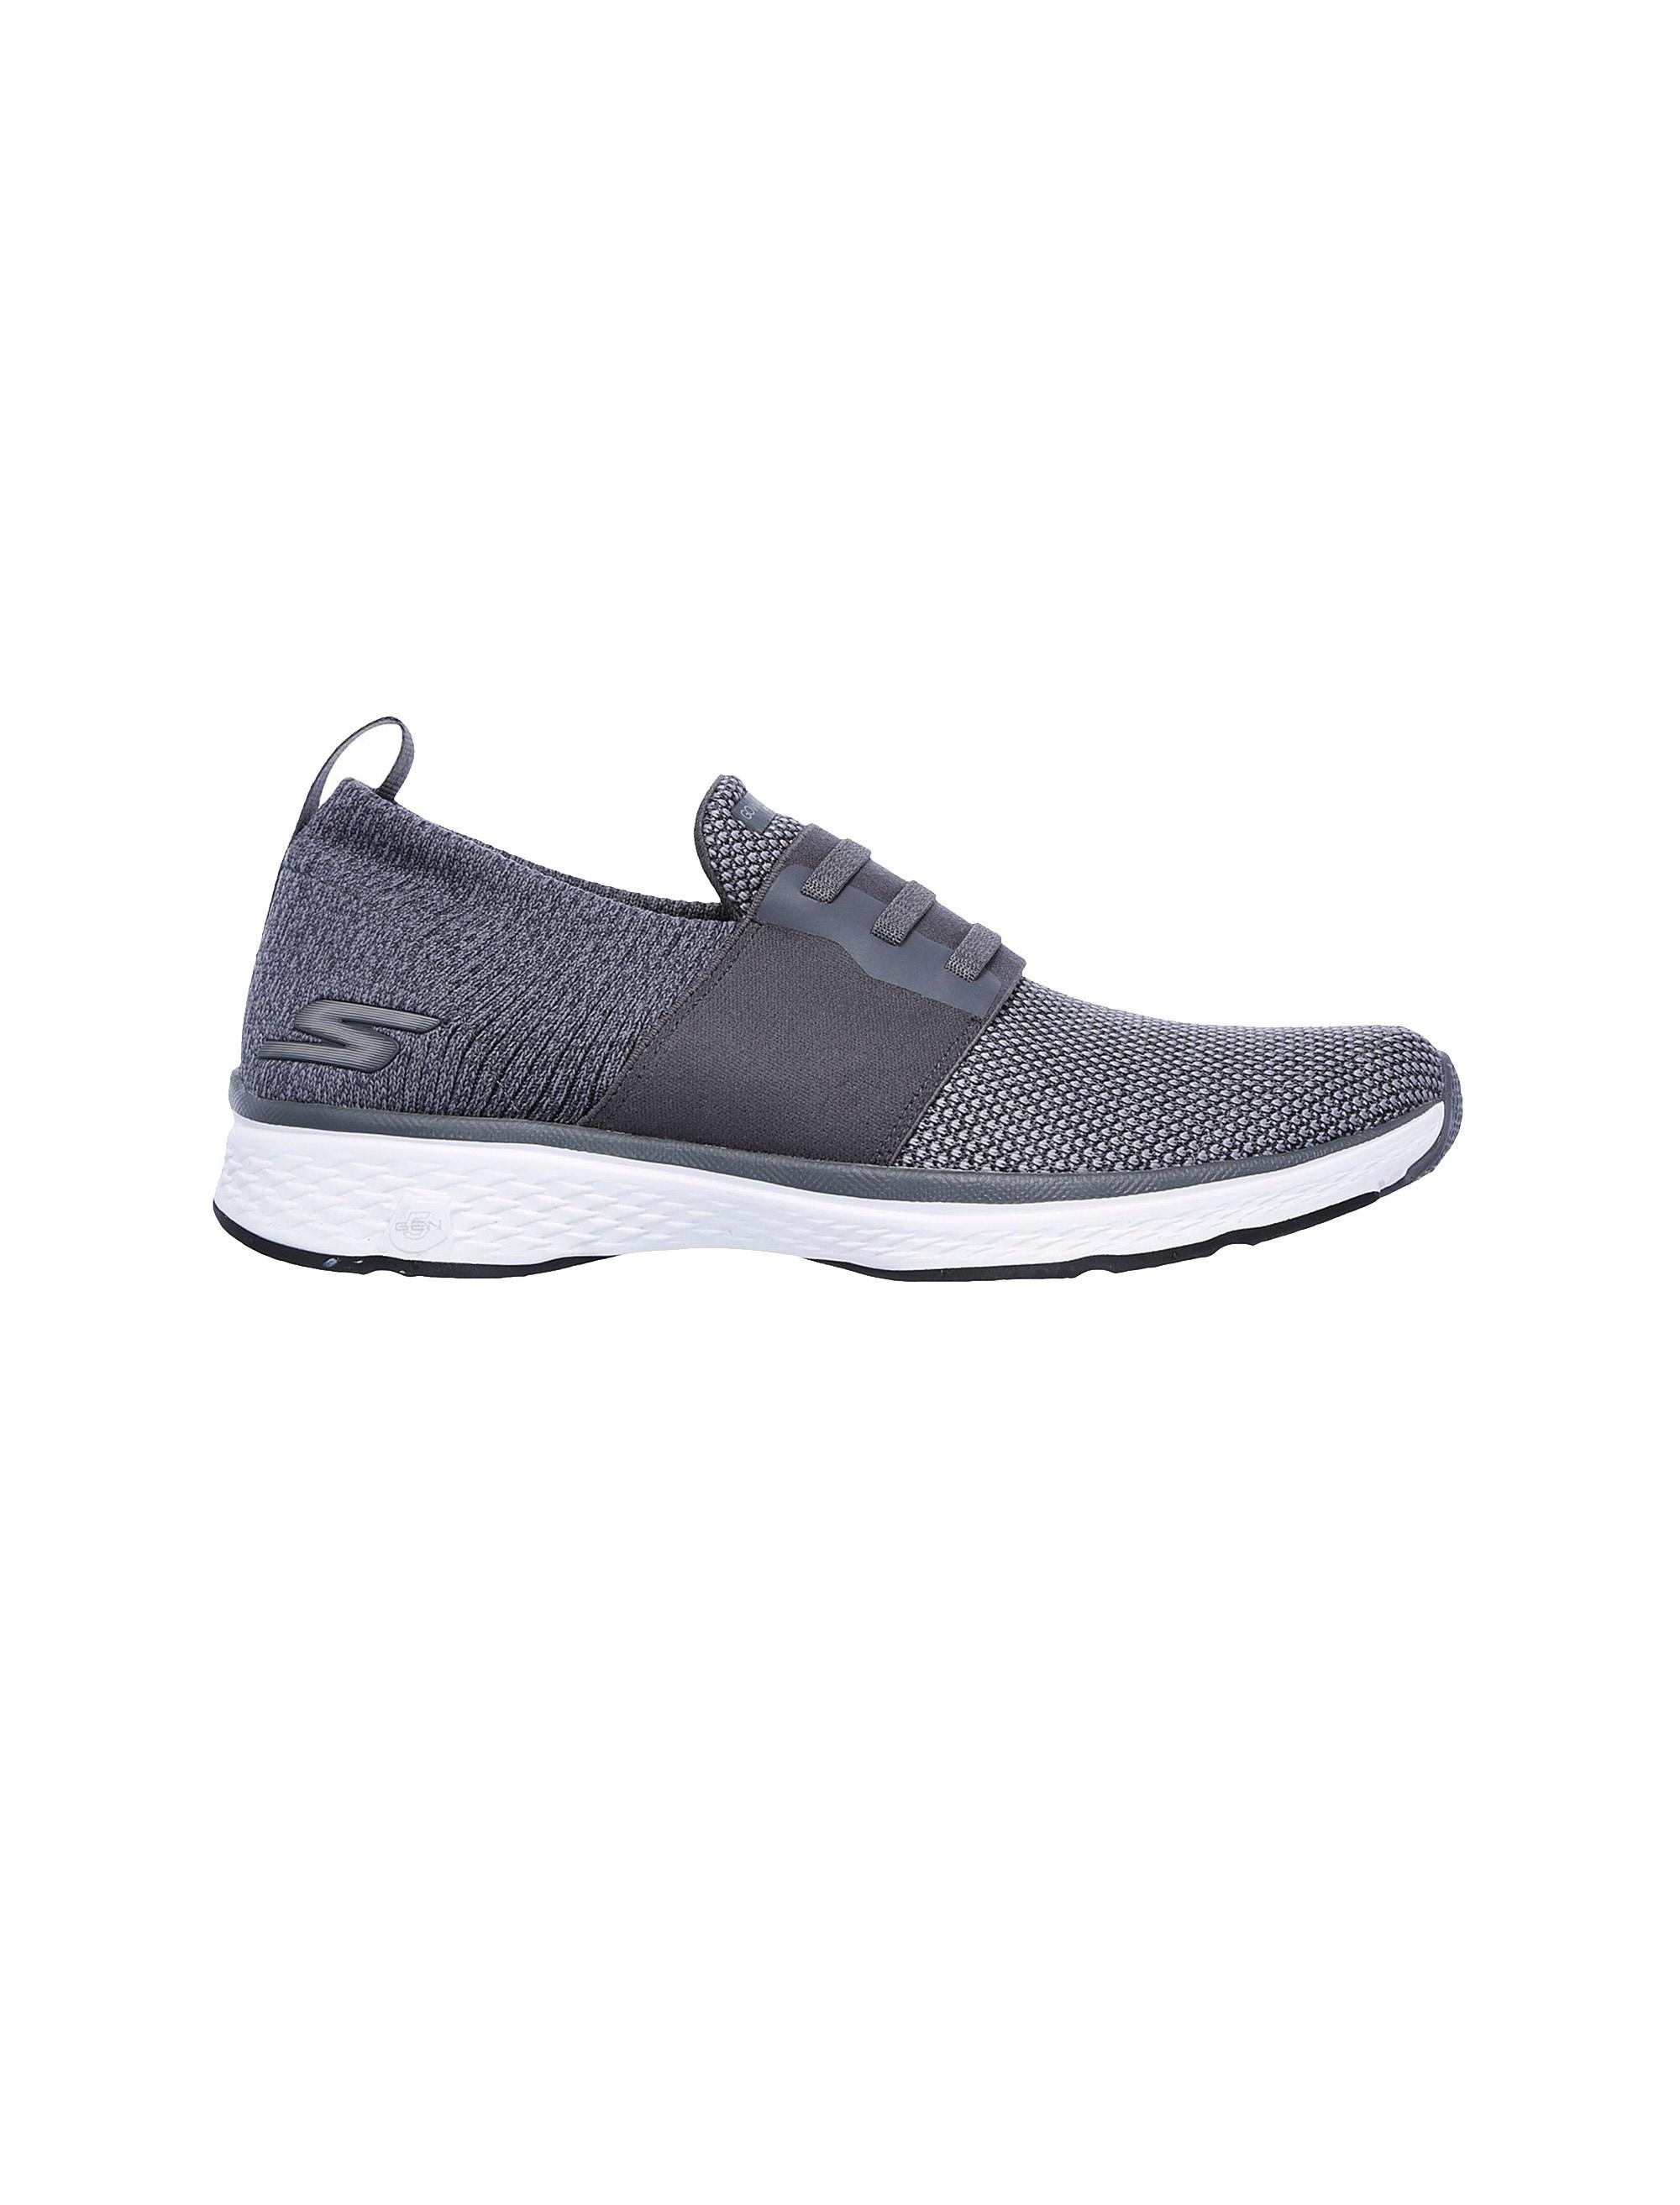 قیمت کفش پیاده روی بندی مردانه GOwalk Sport Grant - اسکچرز